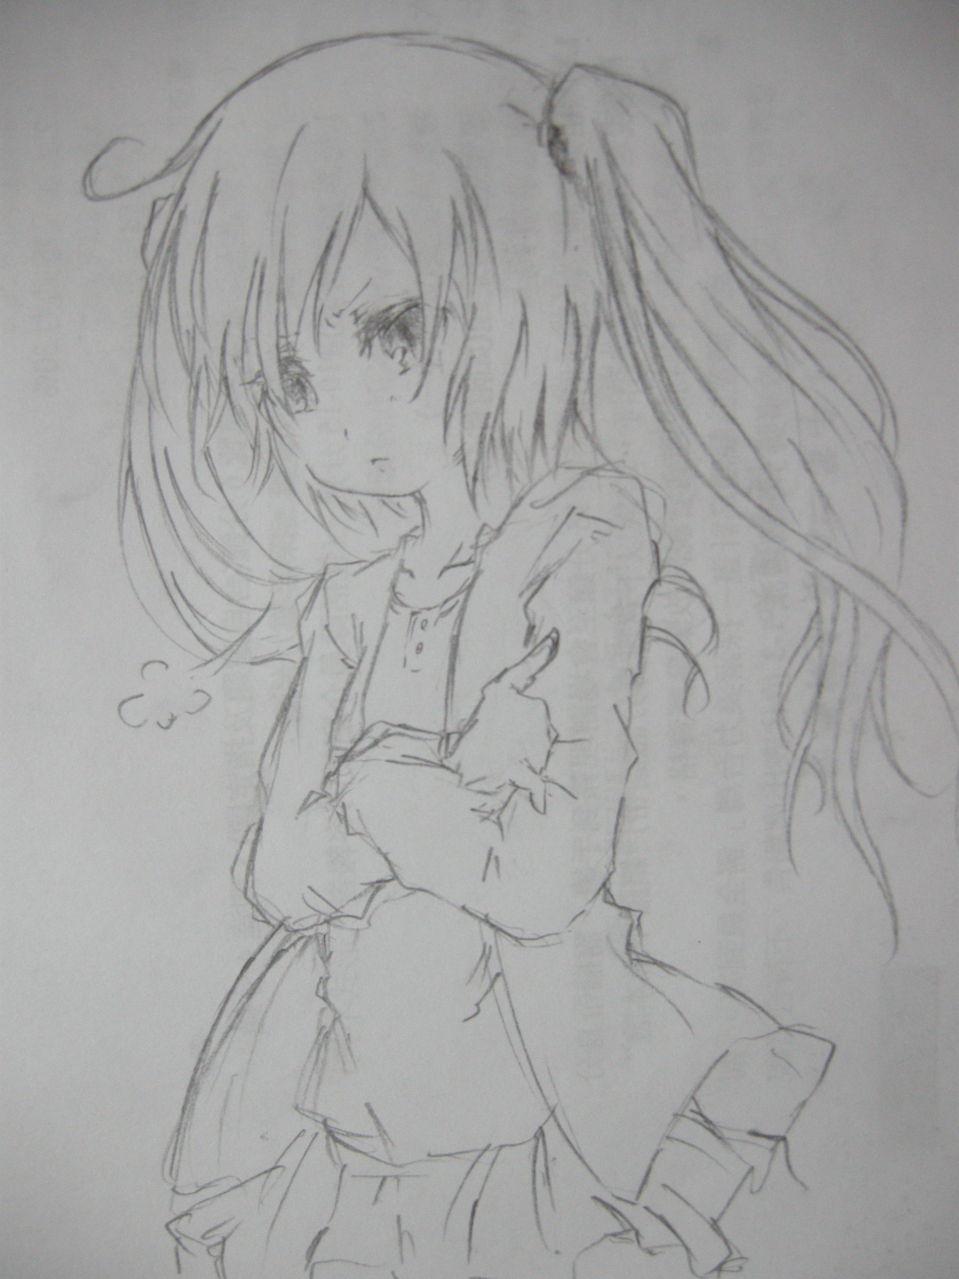 铅笔手绘的动漫少女图片,要躺着的,全身图.